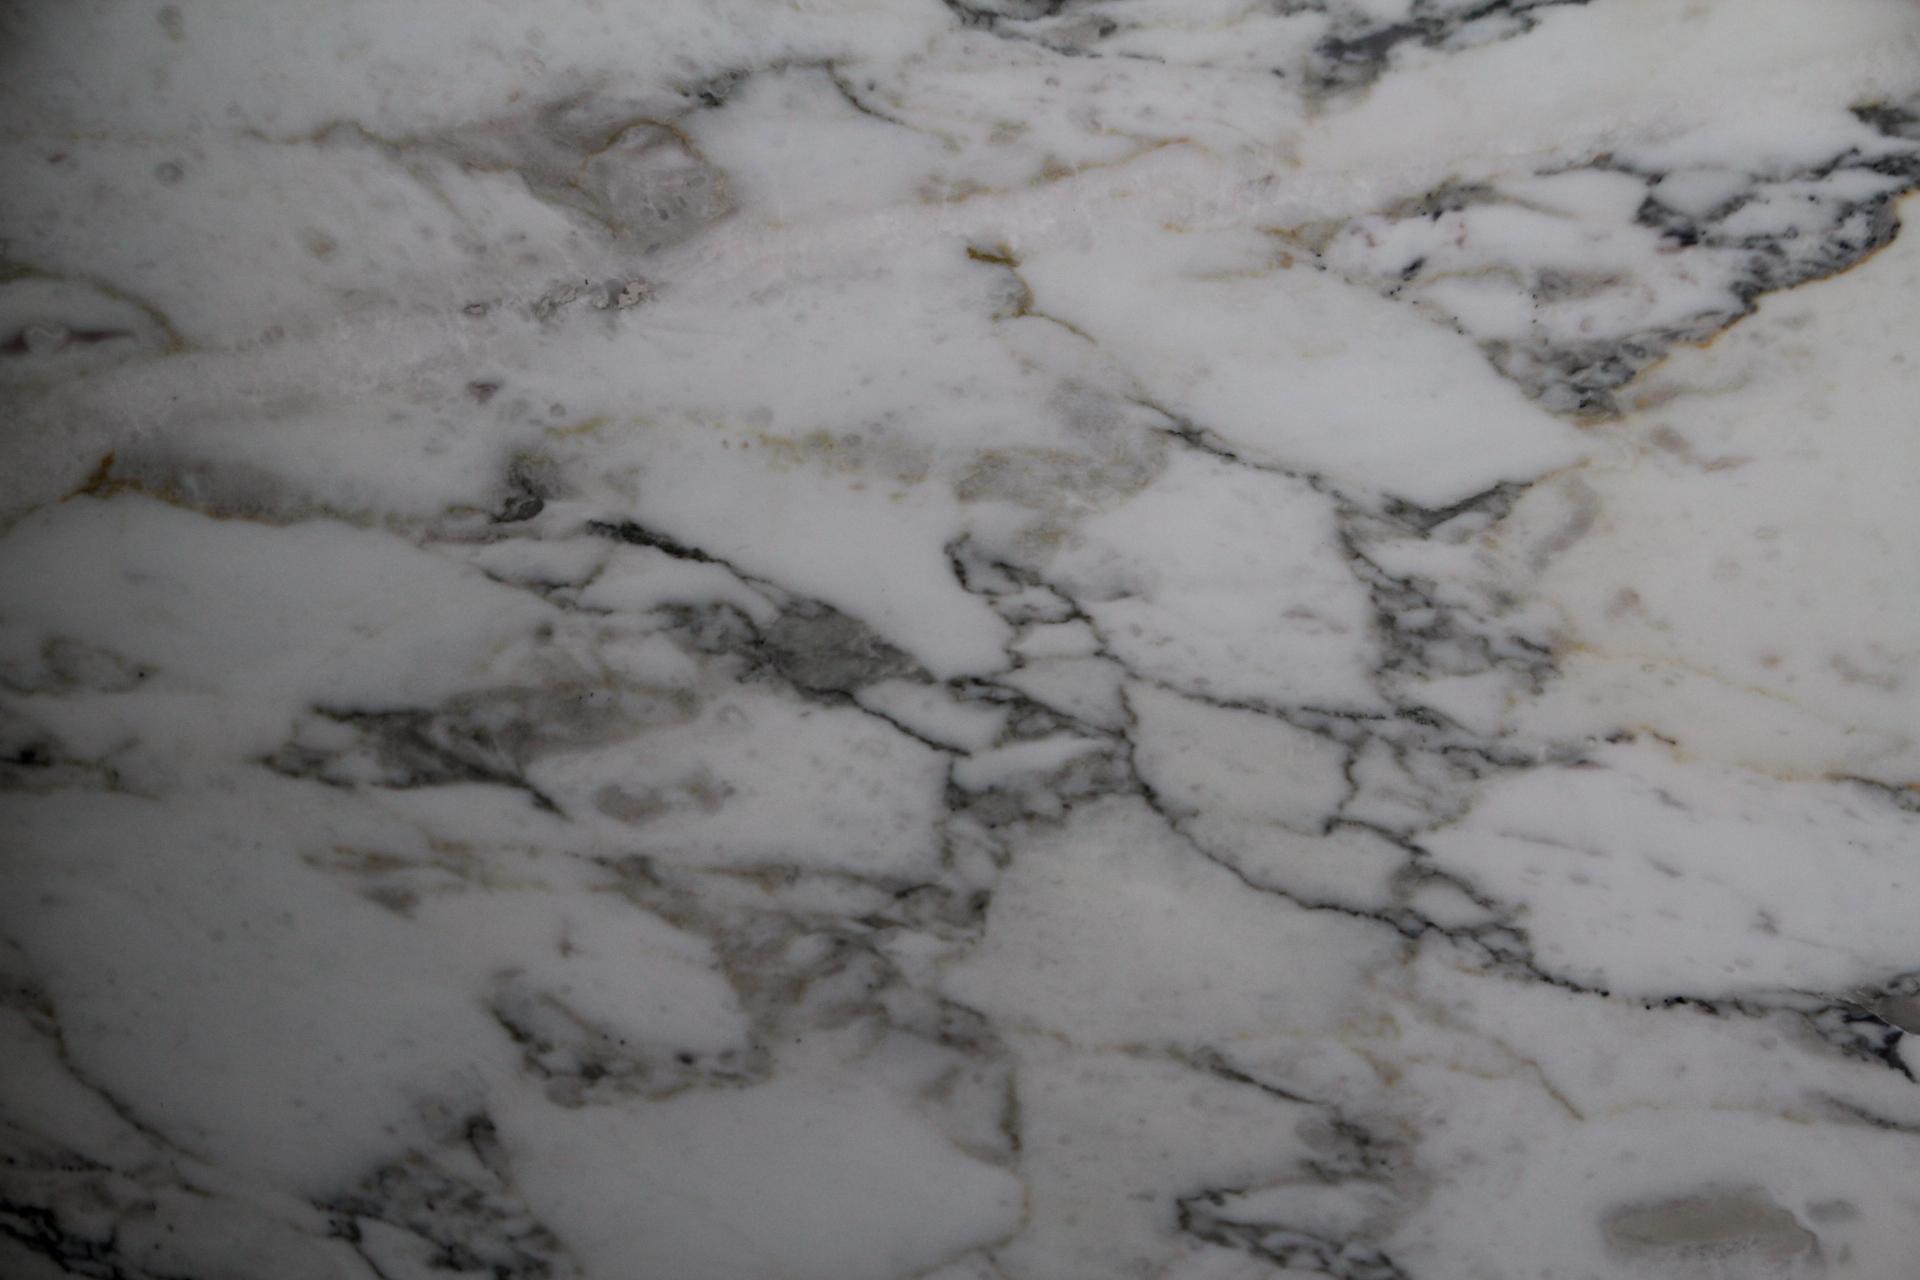 Foto di marmi e pietre di colore chiaro o bianco for Marmo di carrara prezzo